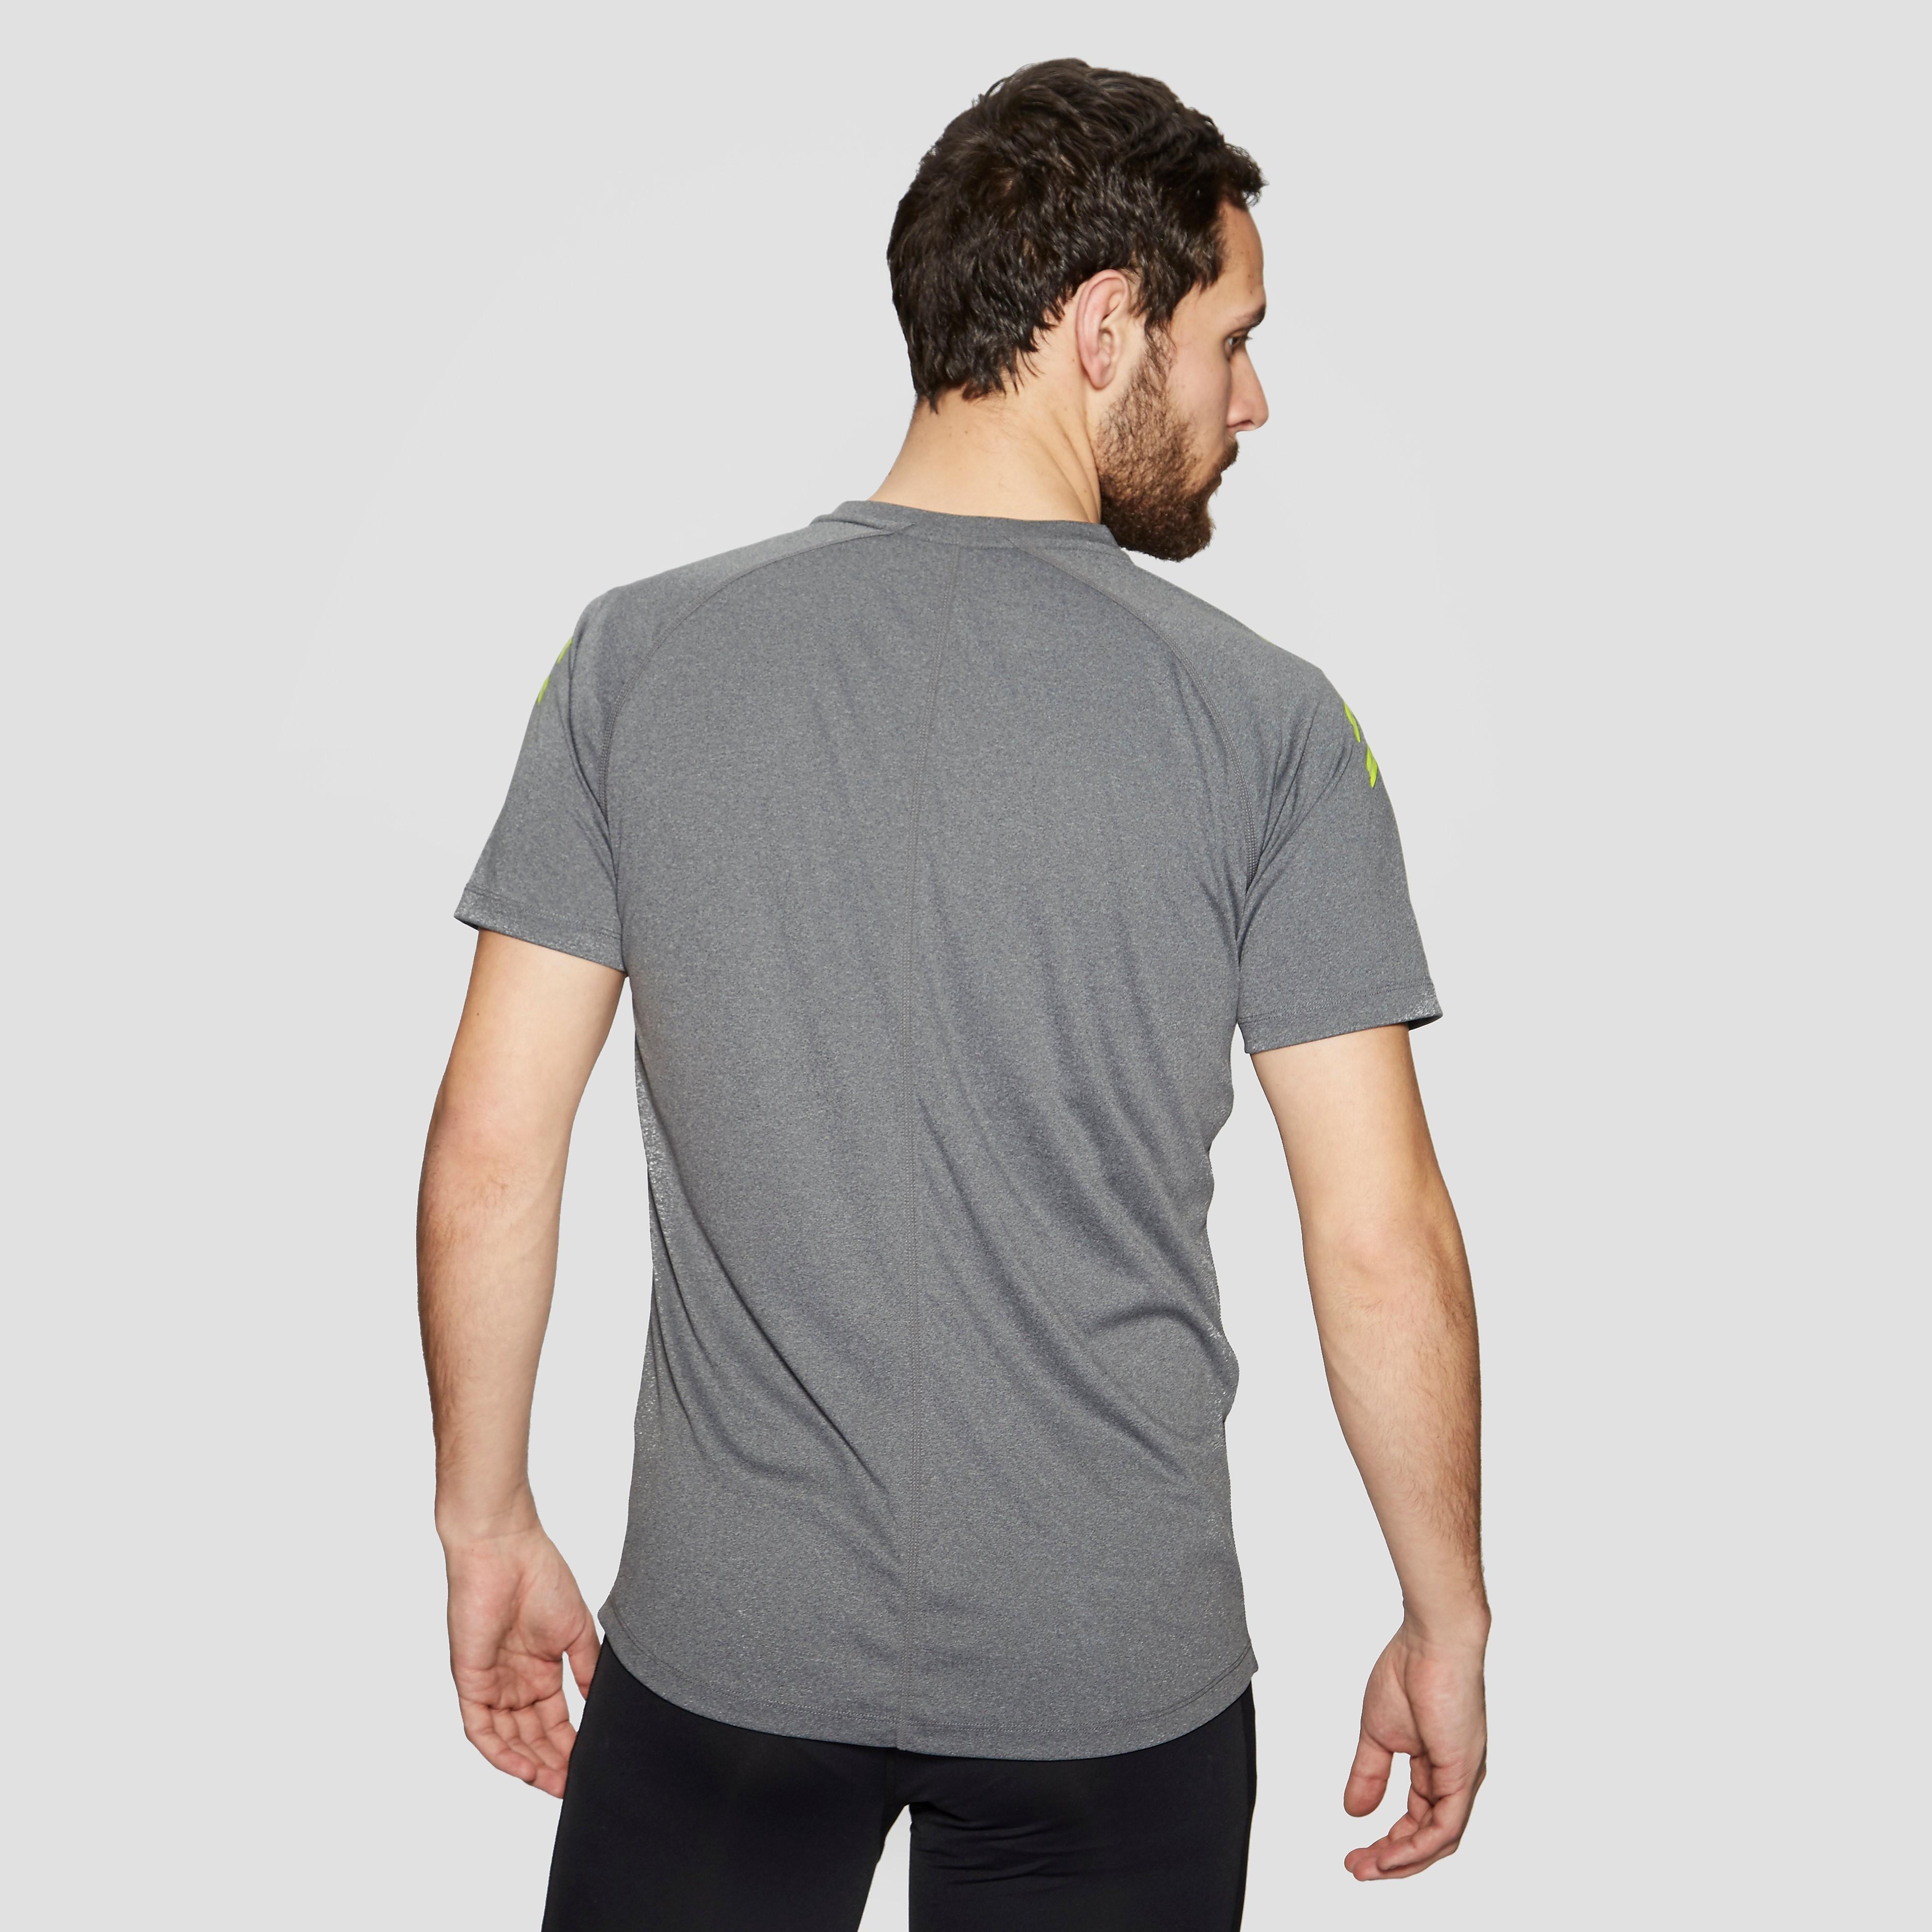 Asics Stripe Men's Running T-shirt